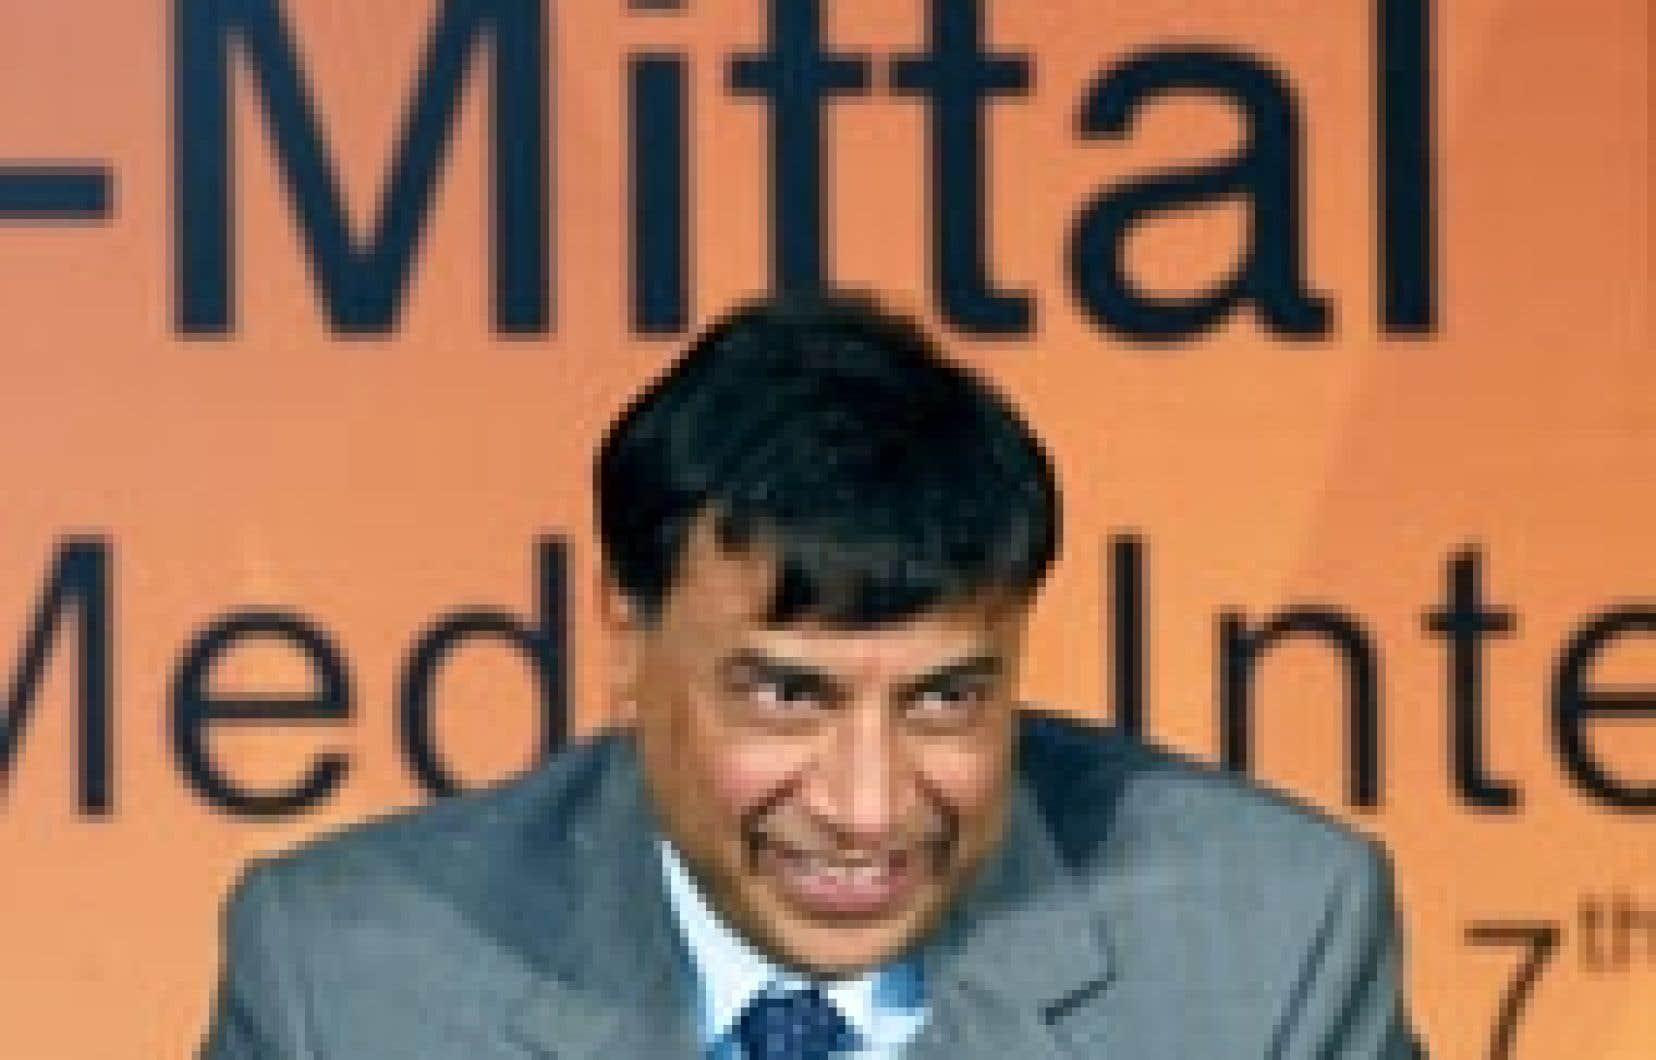 L'homme d'affaires indien Lakshmi Mittal